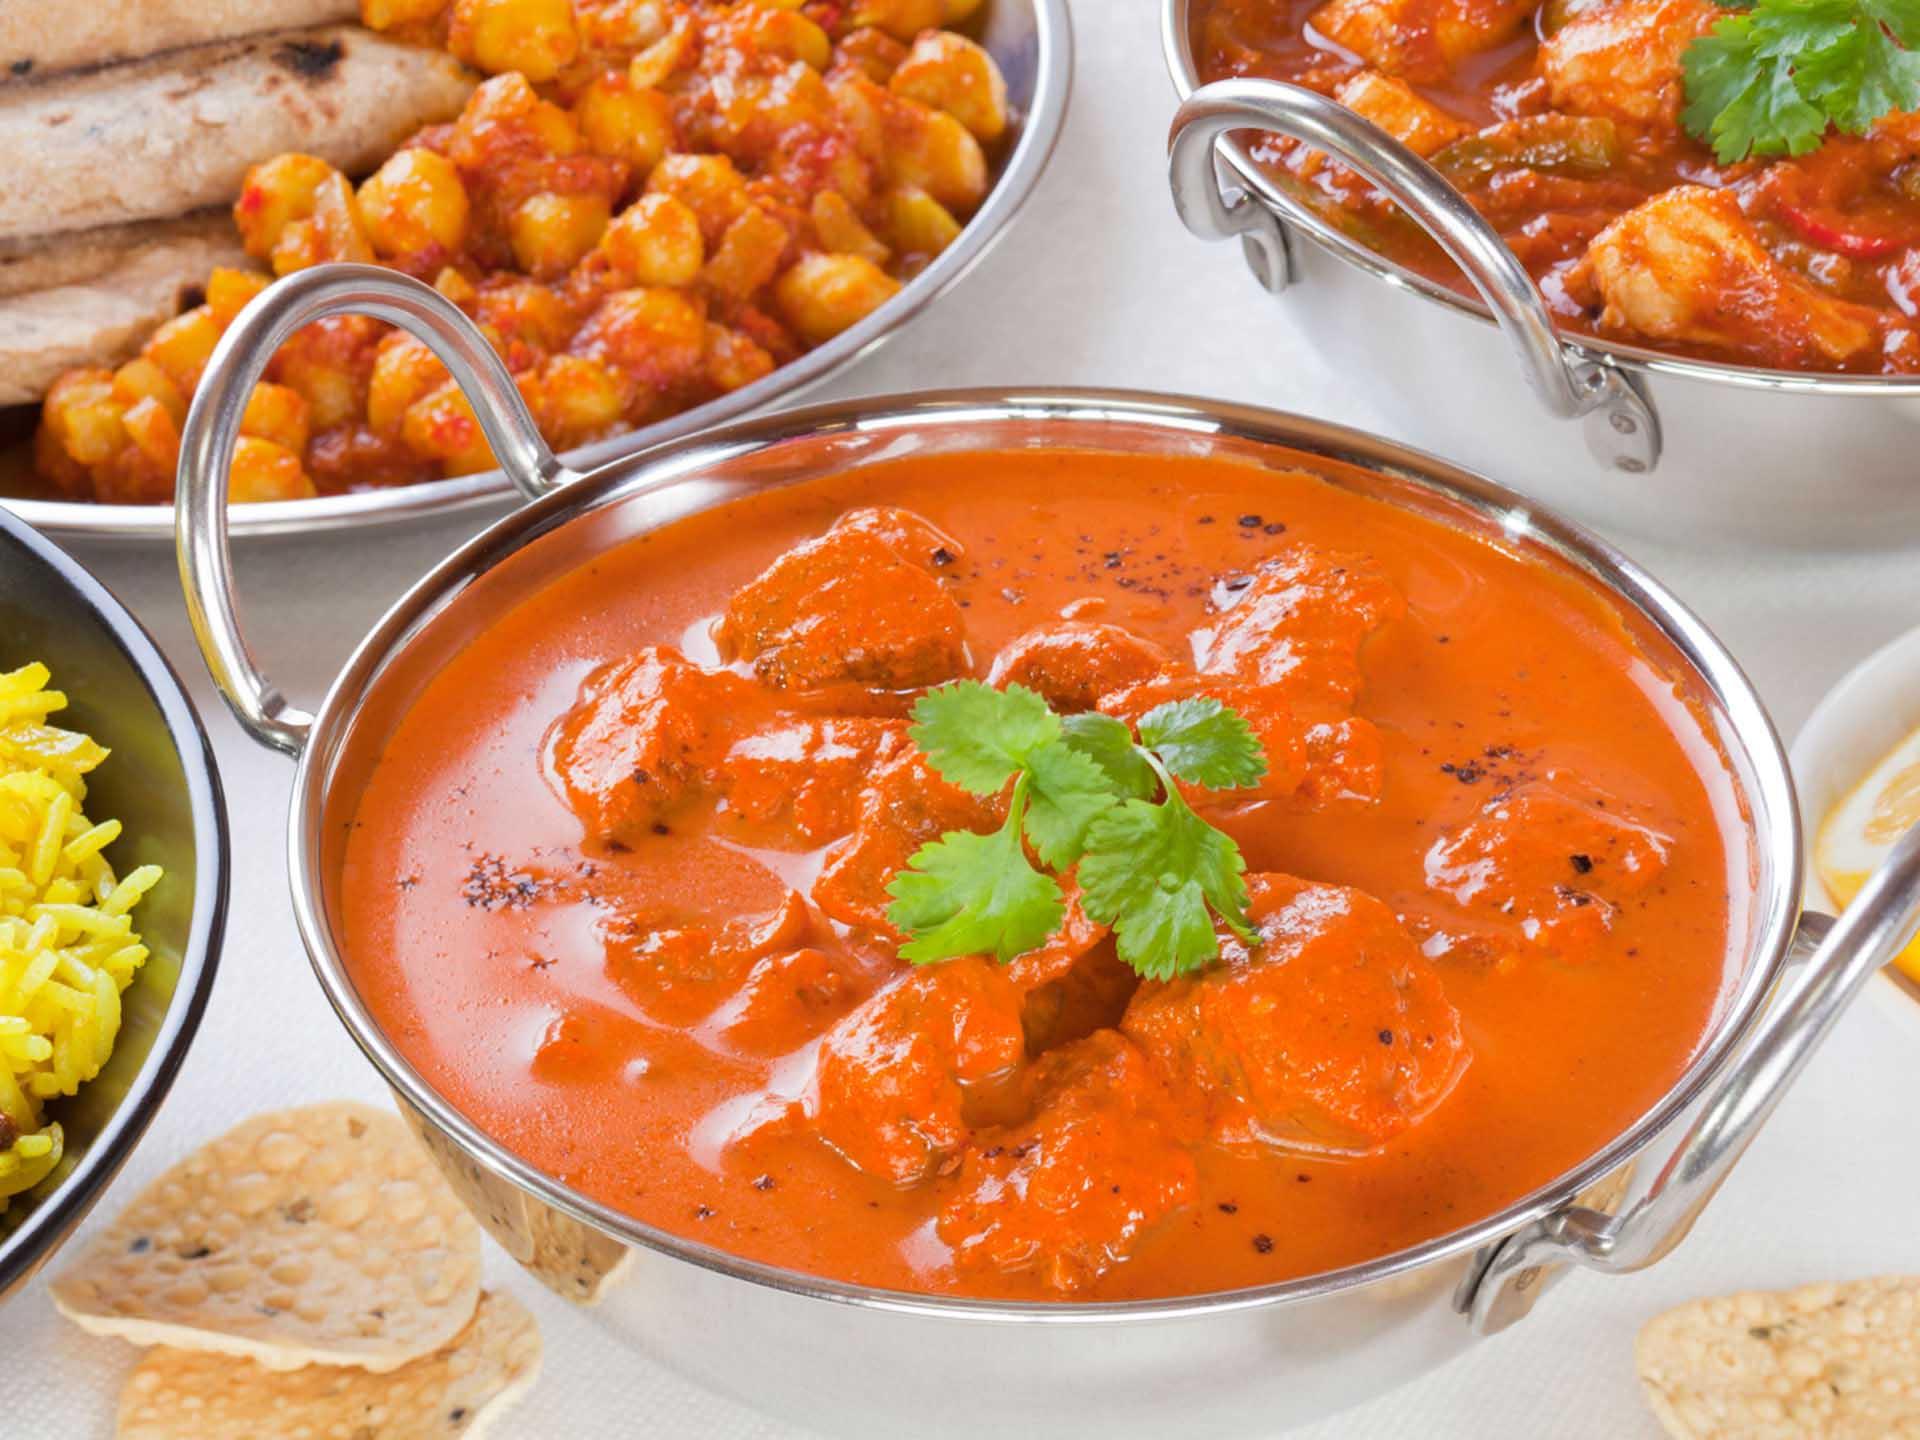 インド食事マナー・食文化をご紹介!美味しい食べ物はカレーだけ?